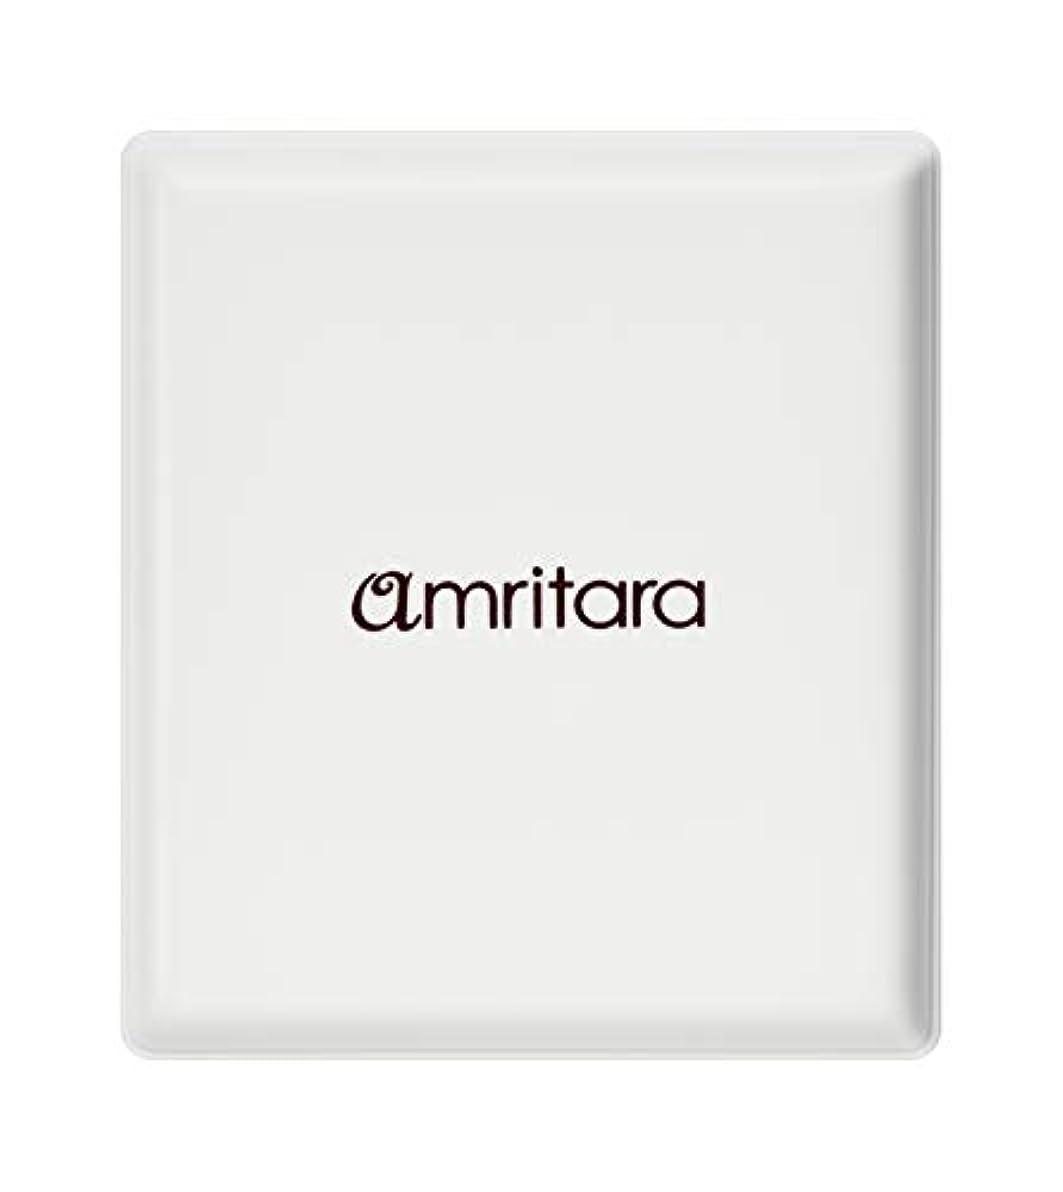 値する右軽量アムリターラ(amritara) ハイビスカスチーク パウダリー コンパクトケース 20g